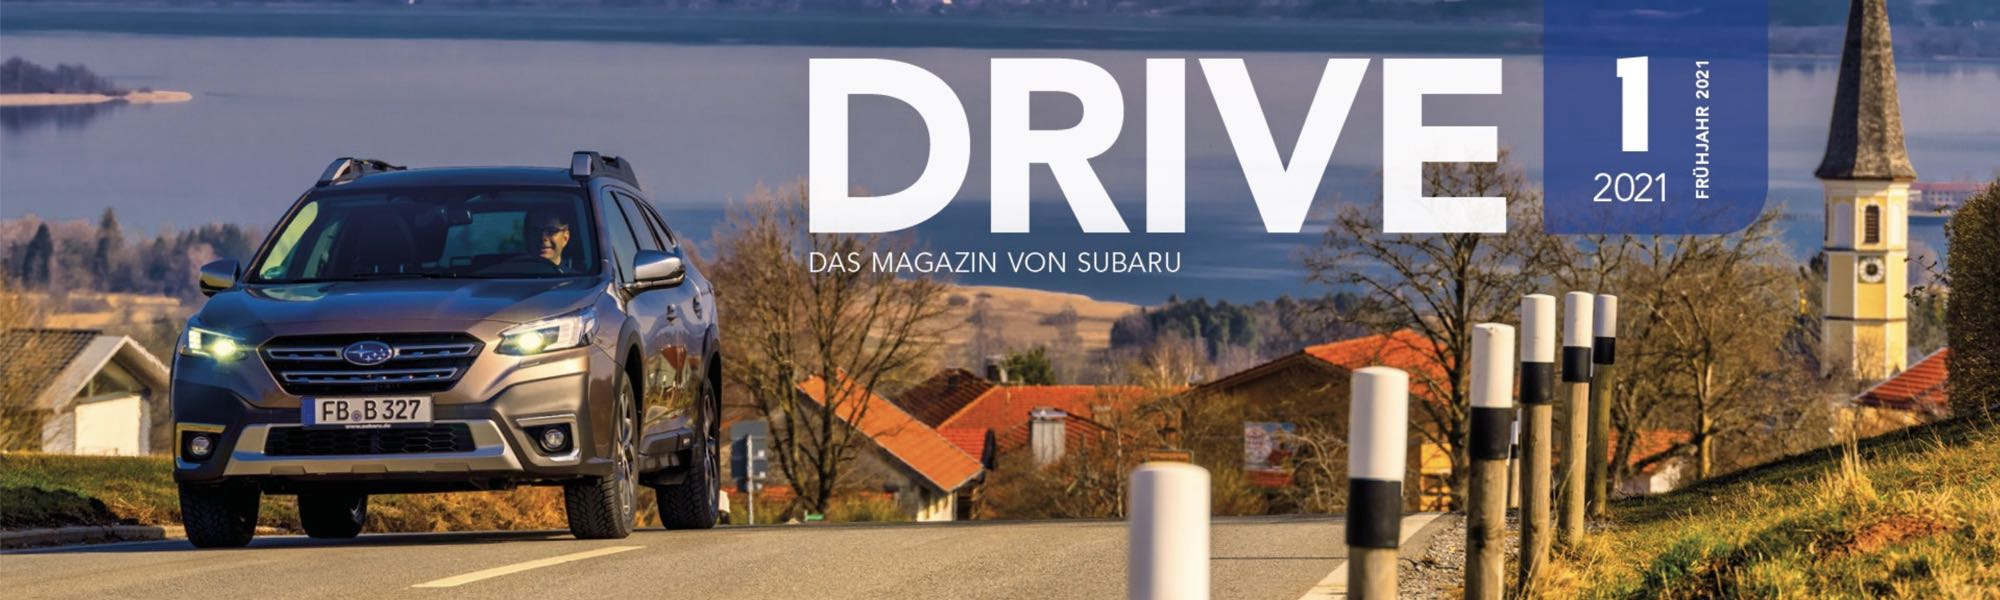 Subaru Magazin